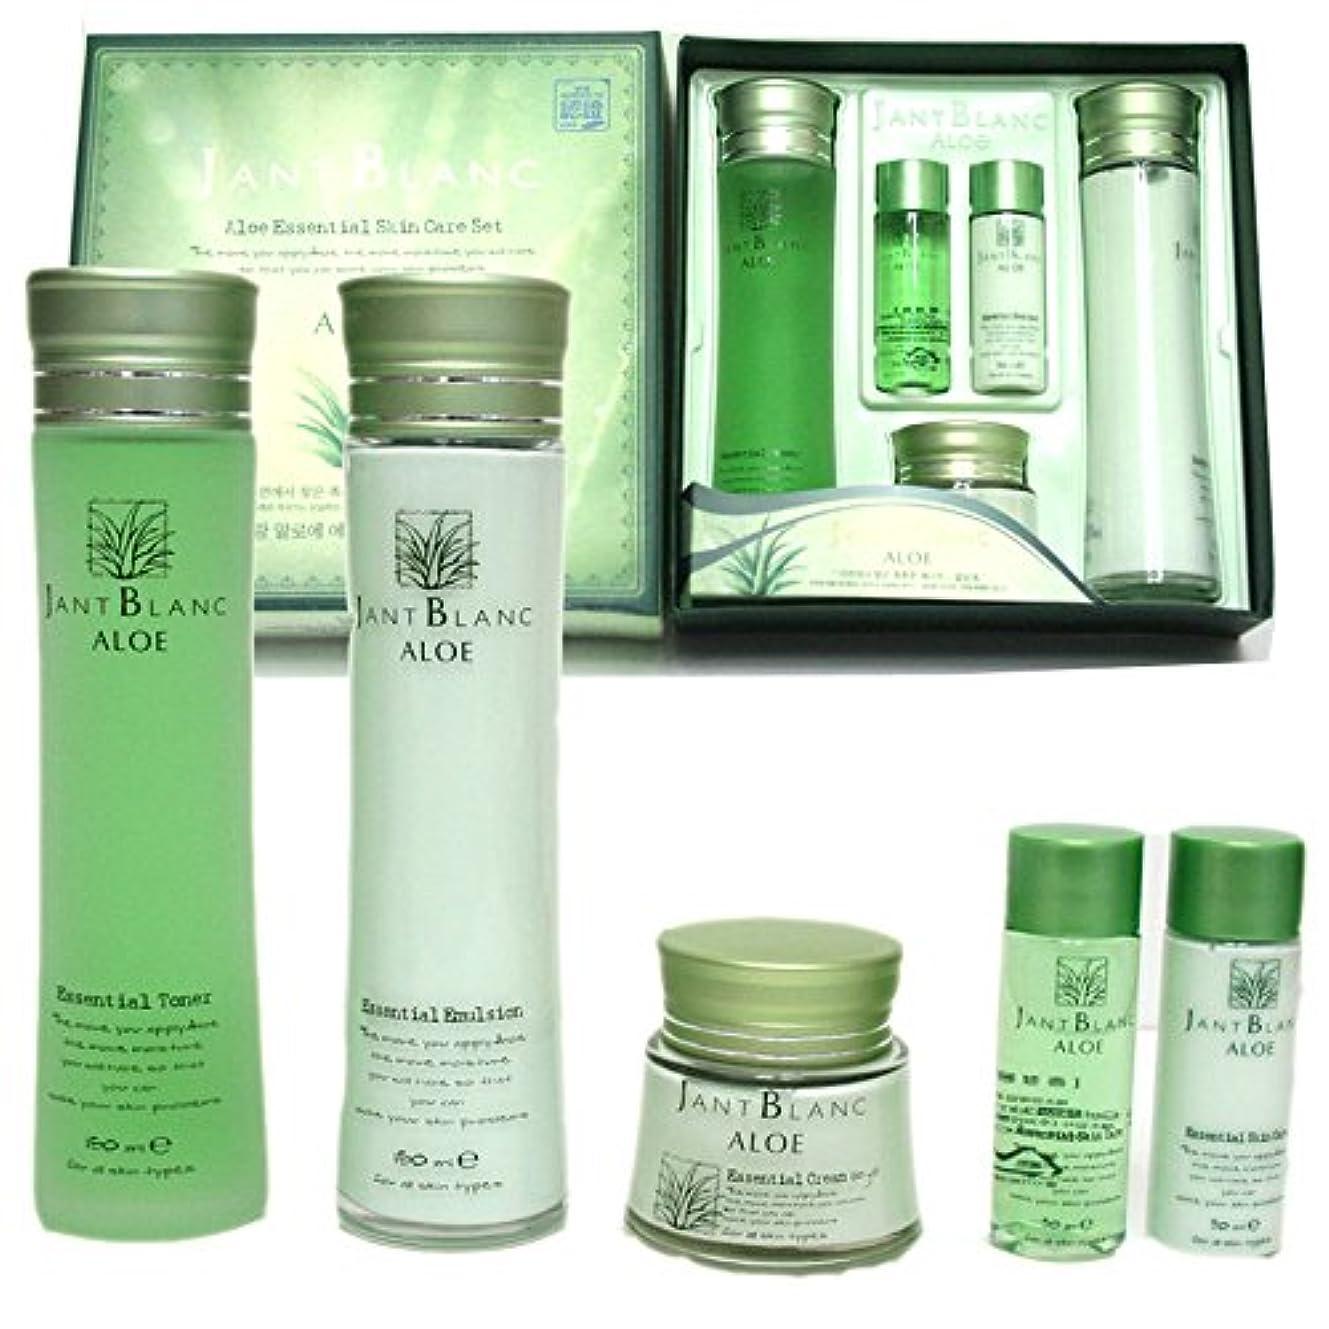 アカウントに渡って順番[Jant Blanc] アロエエッセンシャルスキンケアセット(五項目)/ Aloe Essential Skincare Set (Five-item) / トナー、エマルジョン、クリーム、旅行パック(トナー、エマルジョン) / Toner,emulsion,cream,travel Pack(Toner ,Emulsion) / 韓国化粧品 / Korean Cosmetics [並行輸入品]